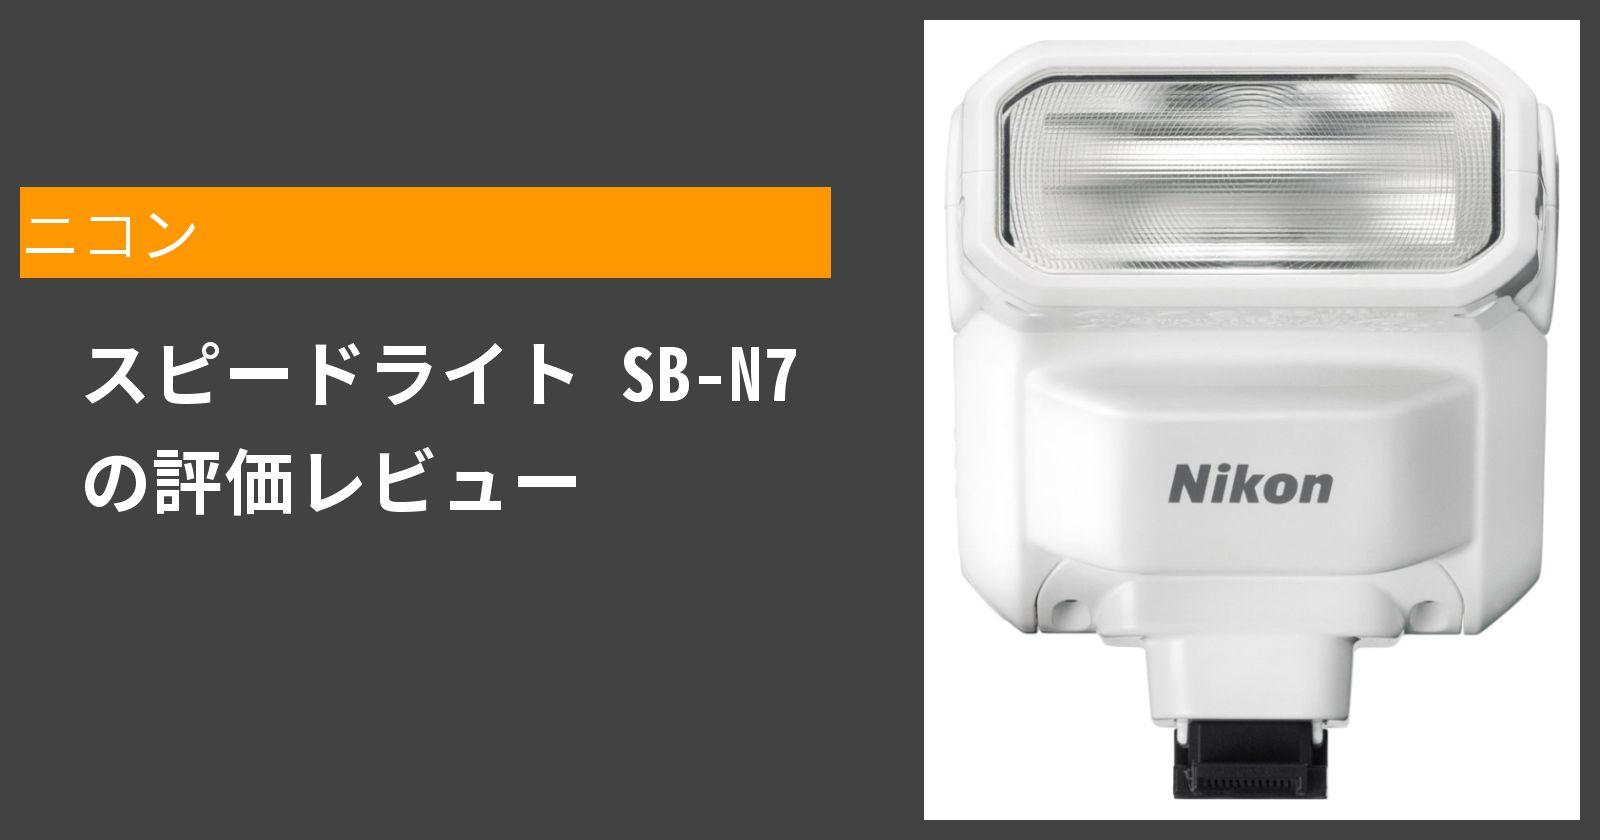 スピードライト SB-N7を徹底評価